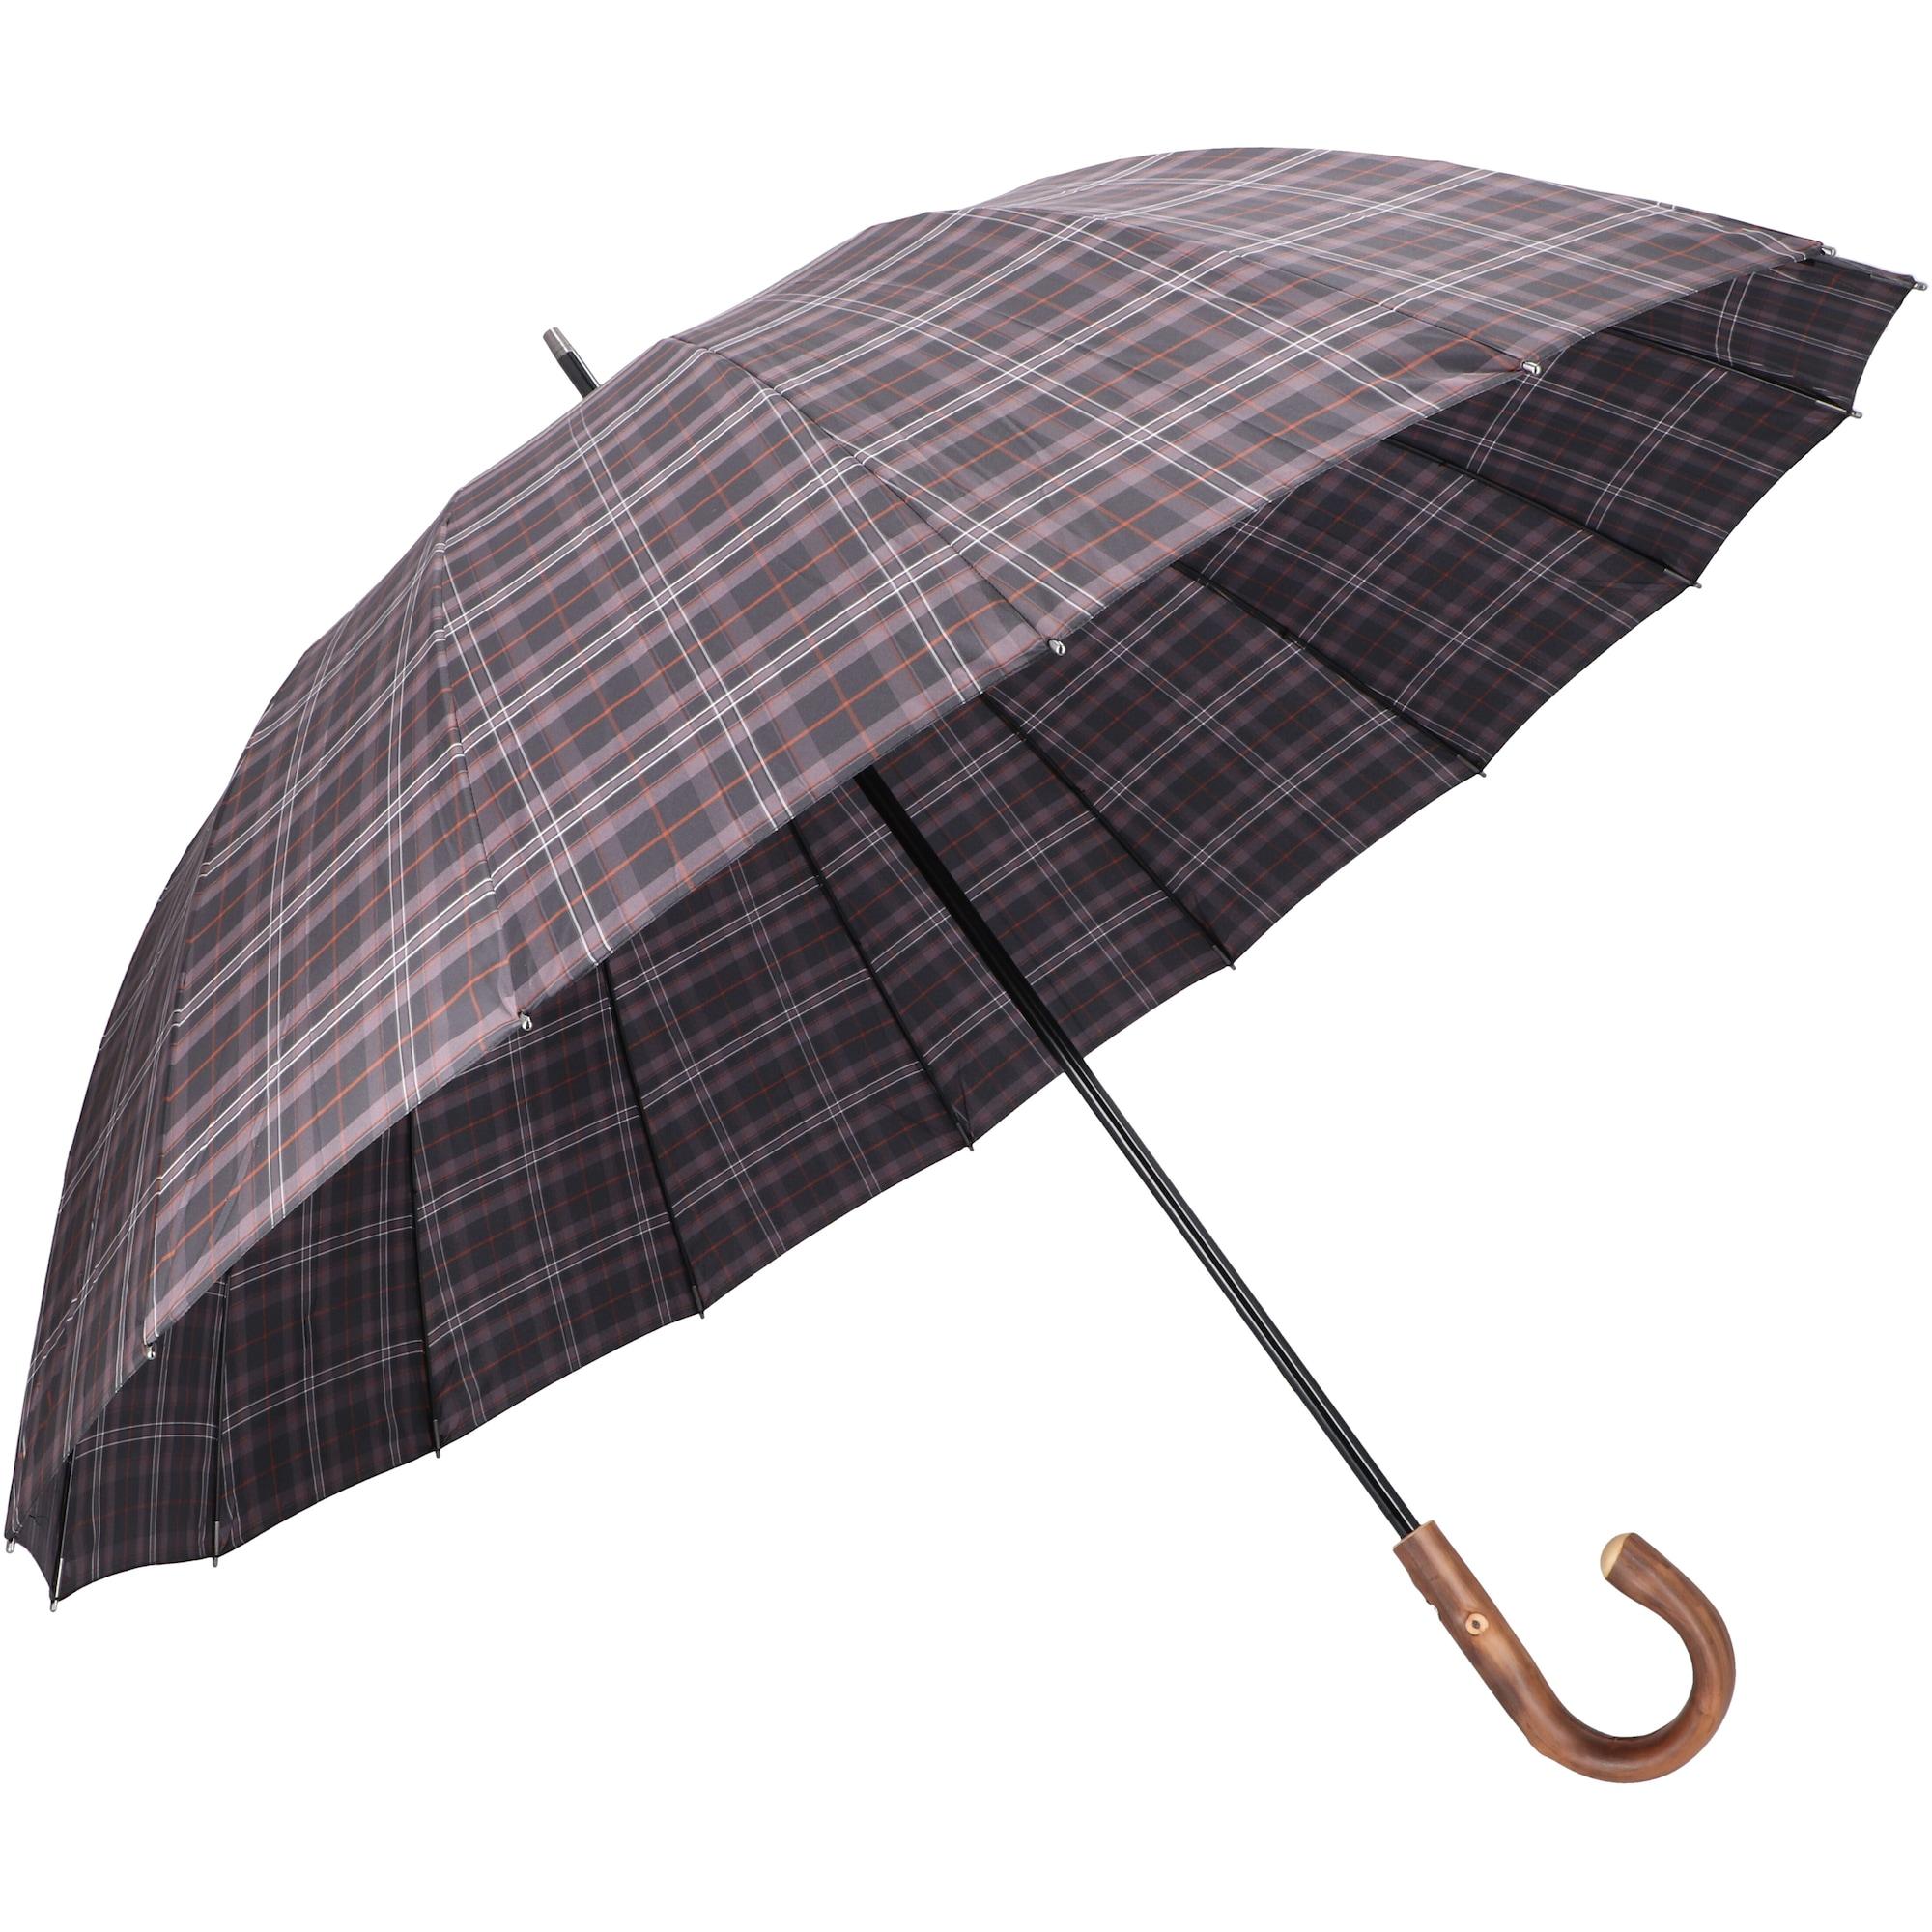 Stockschirm 'Doorman' 105 cm | Accessoires > Regenschirme > Stockschirme | Bugatti